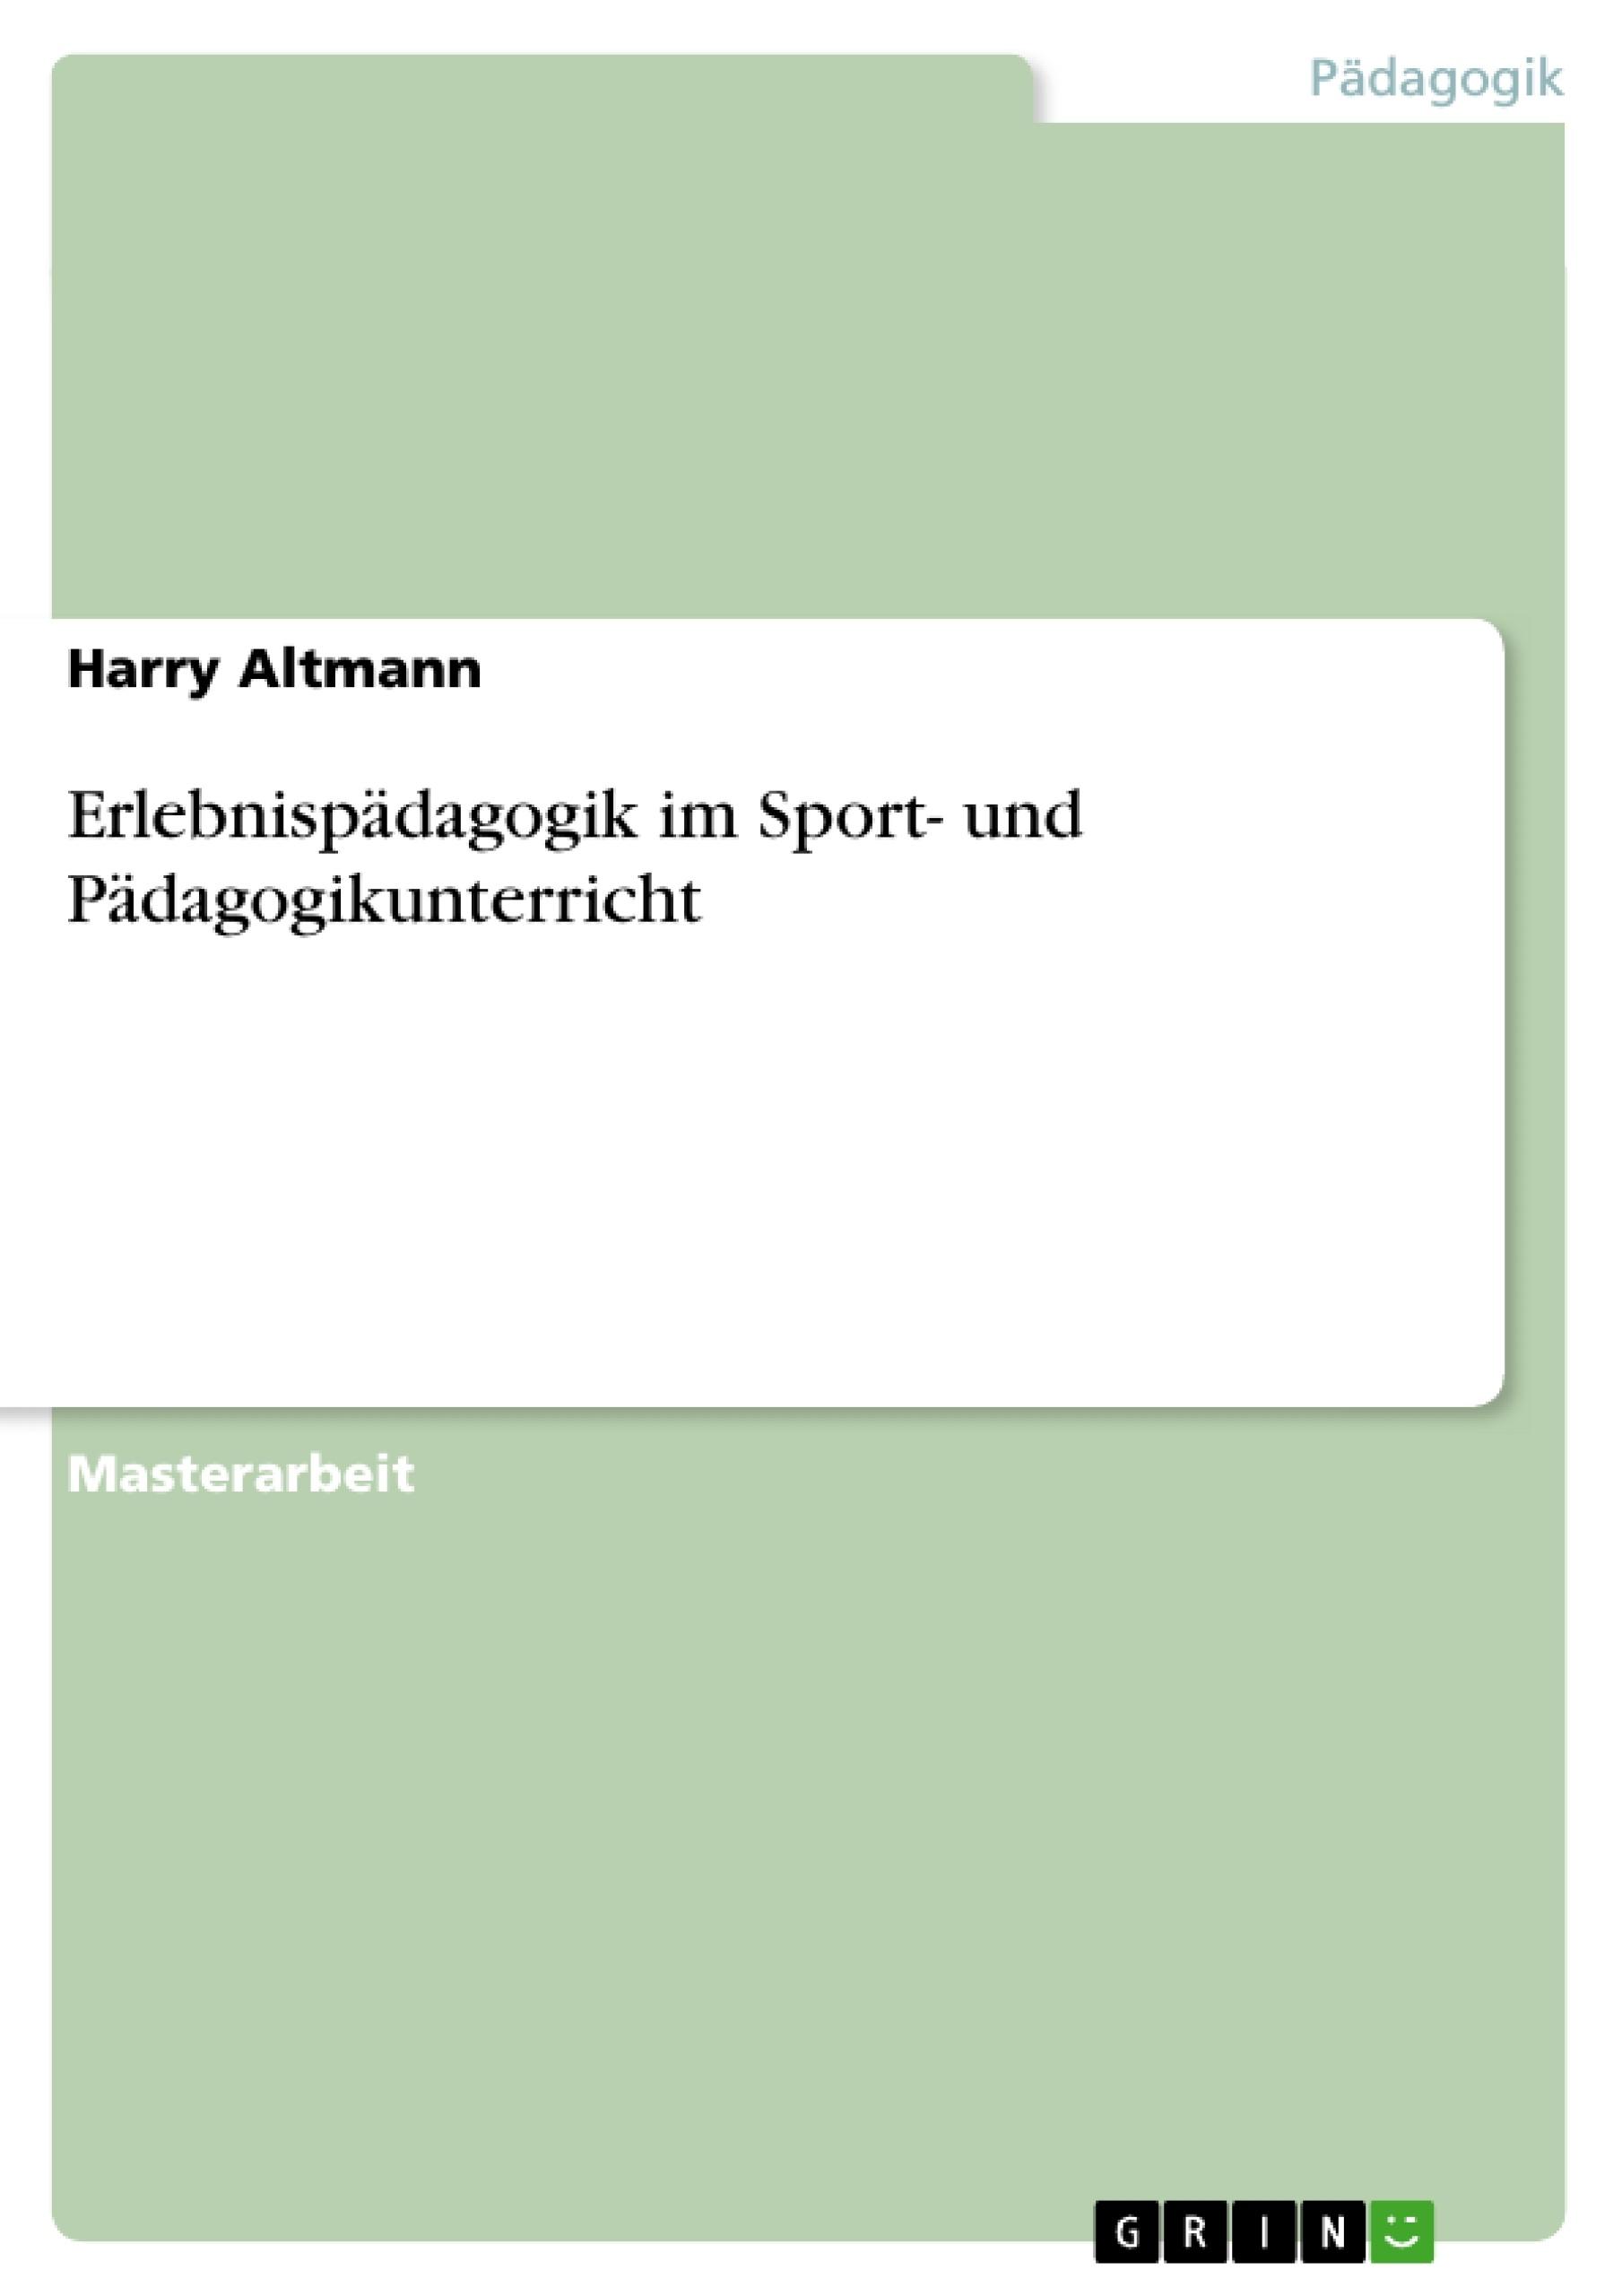 Titel: Erlebnispädagogik im Sport- und Pädagogikunterricht